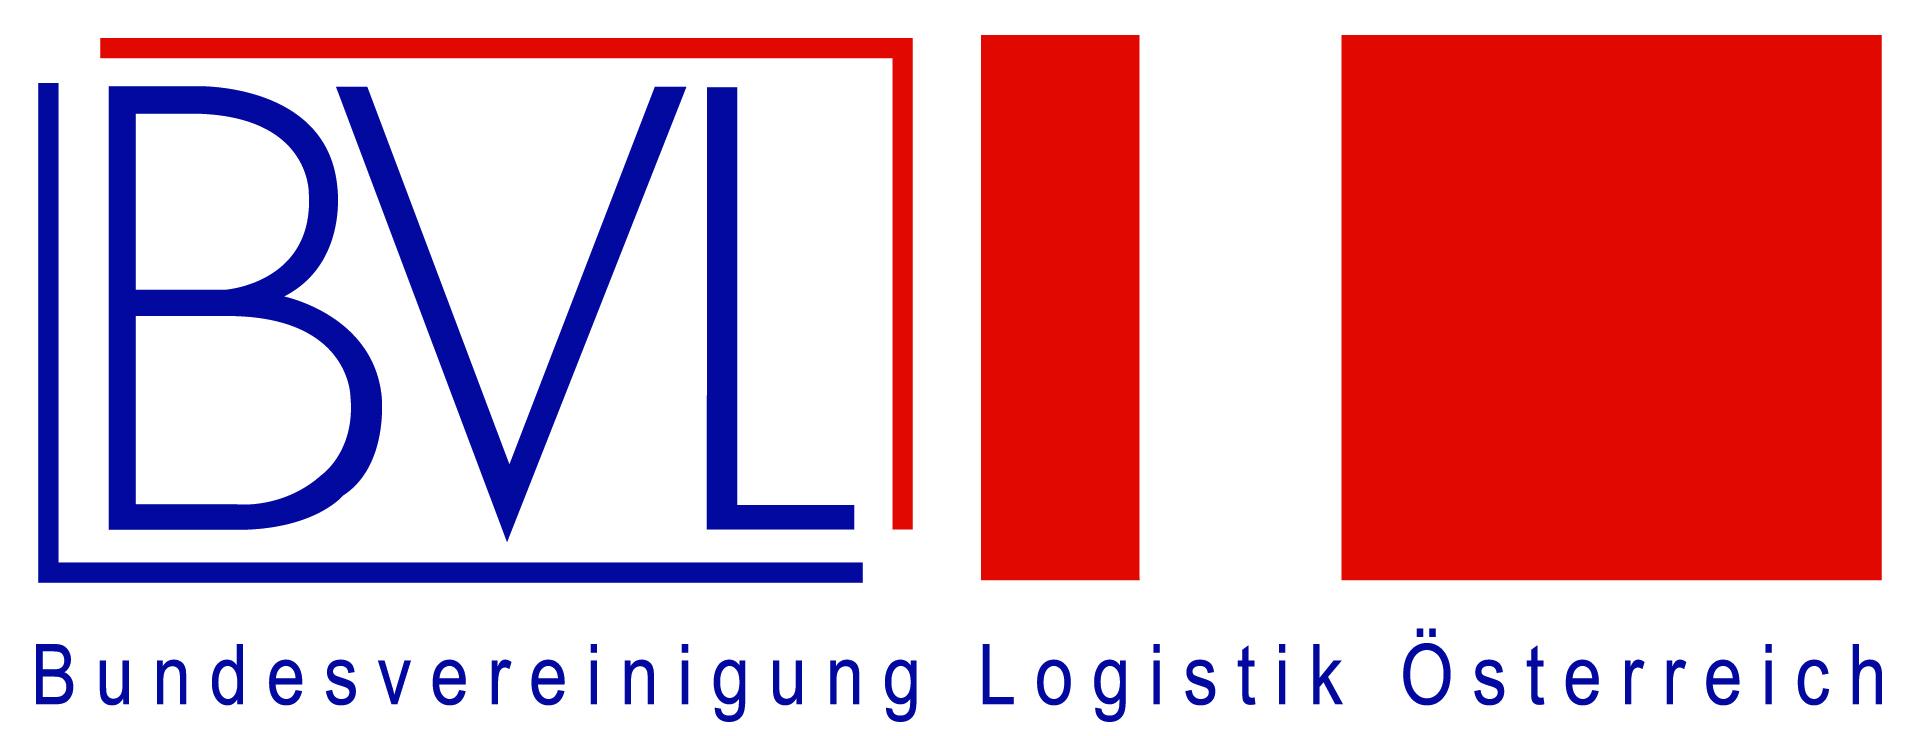 Bundesvereinigung Logistik Österreich